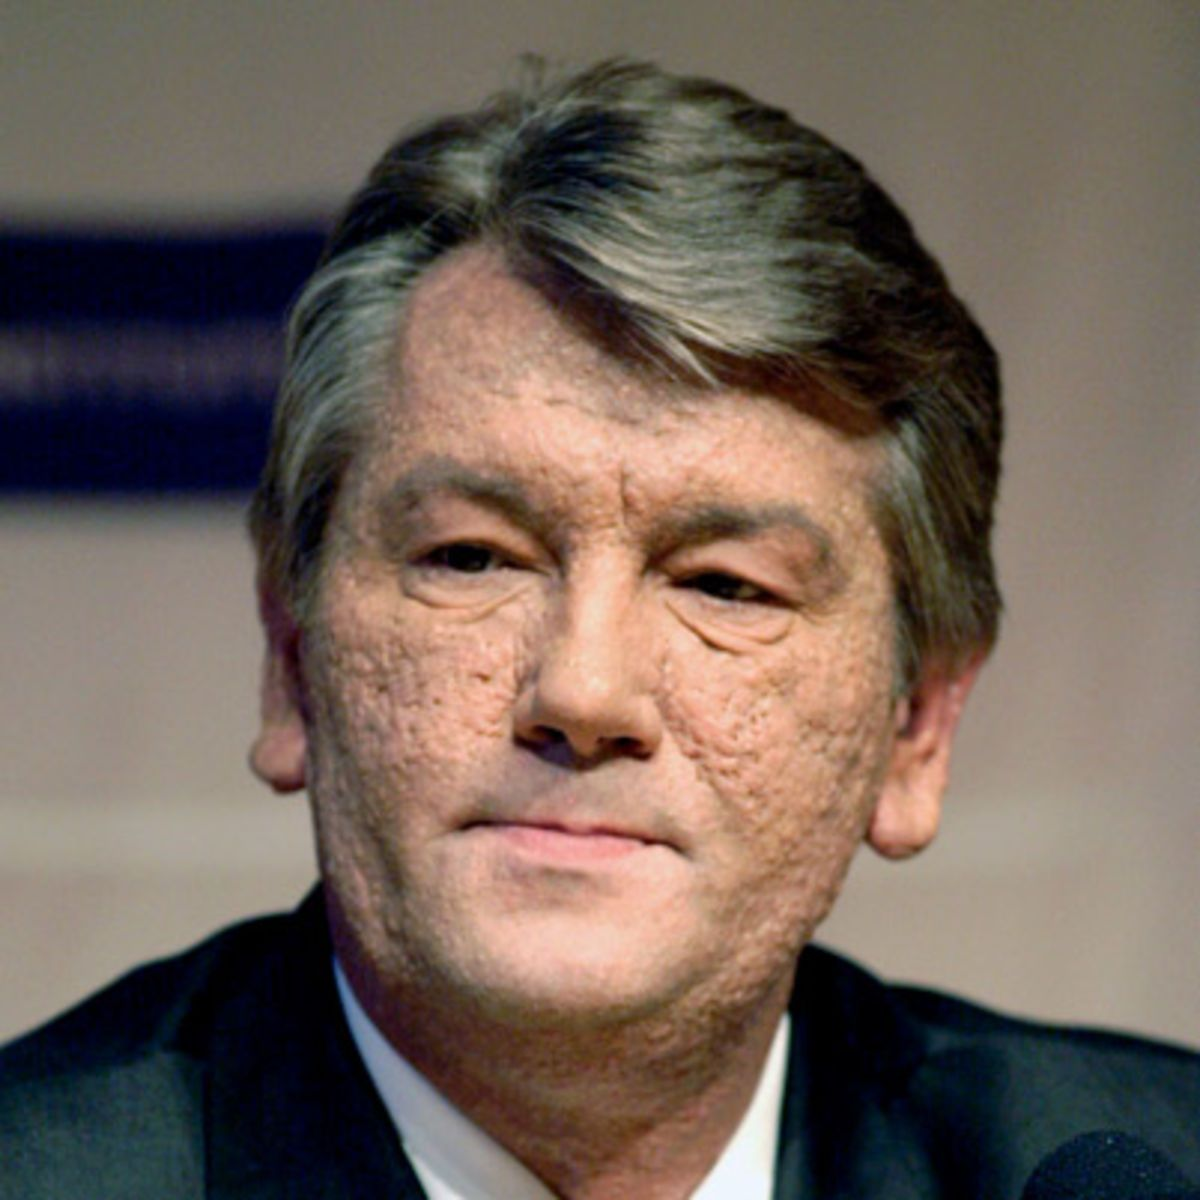 Yushchenko Today